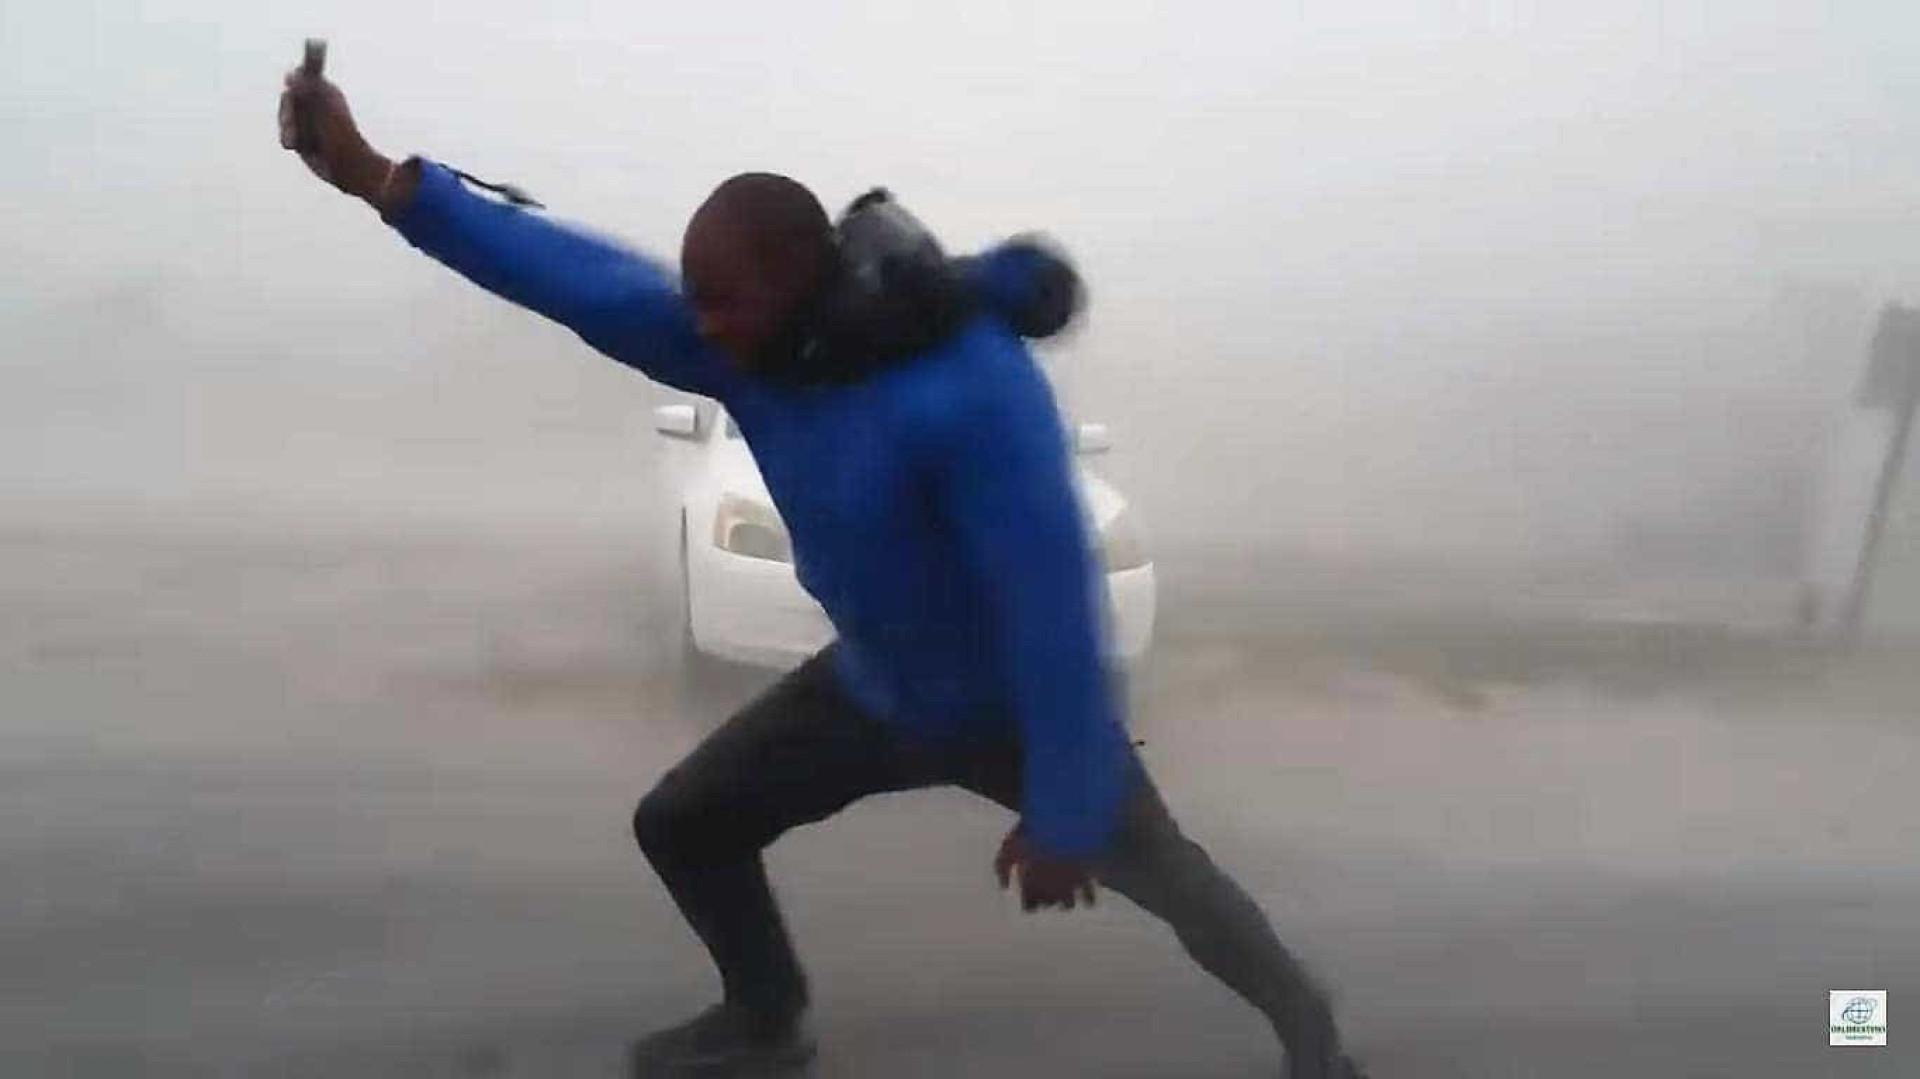 Meteorologista lança-se ao furacão Irma e este é o resultado